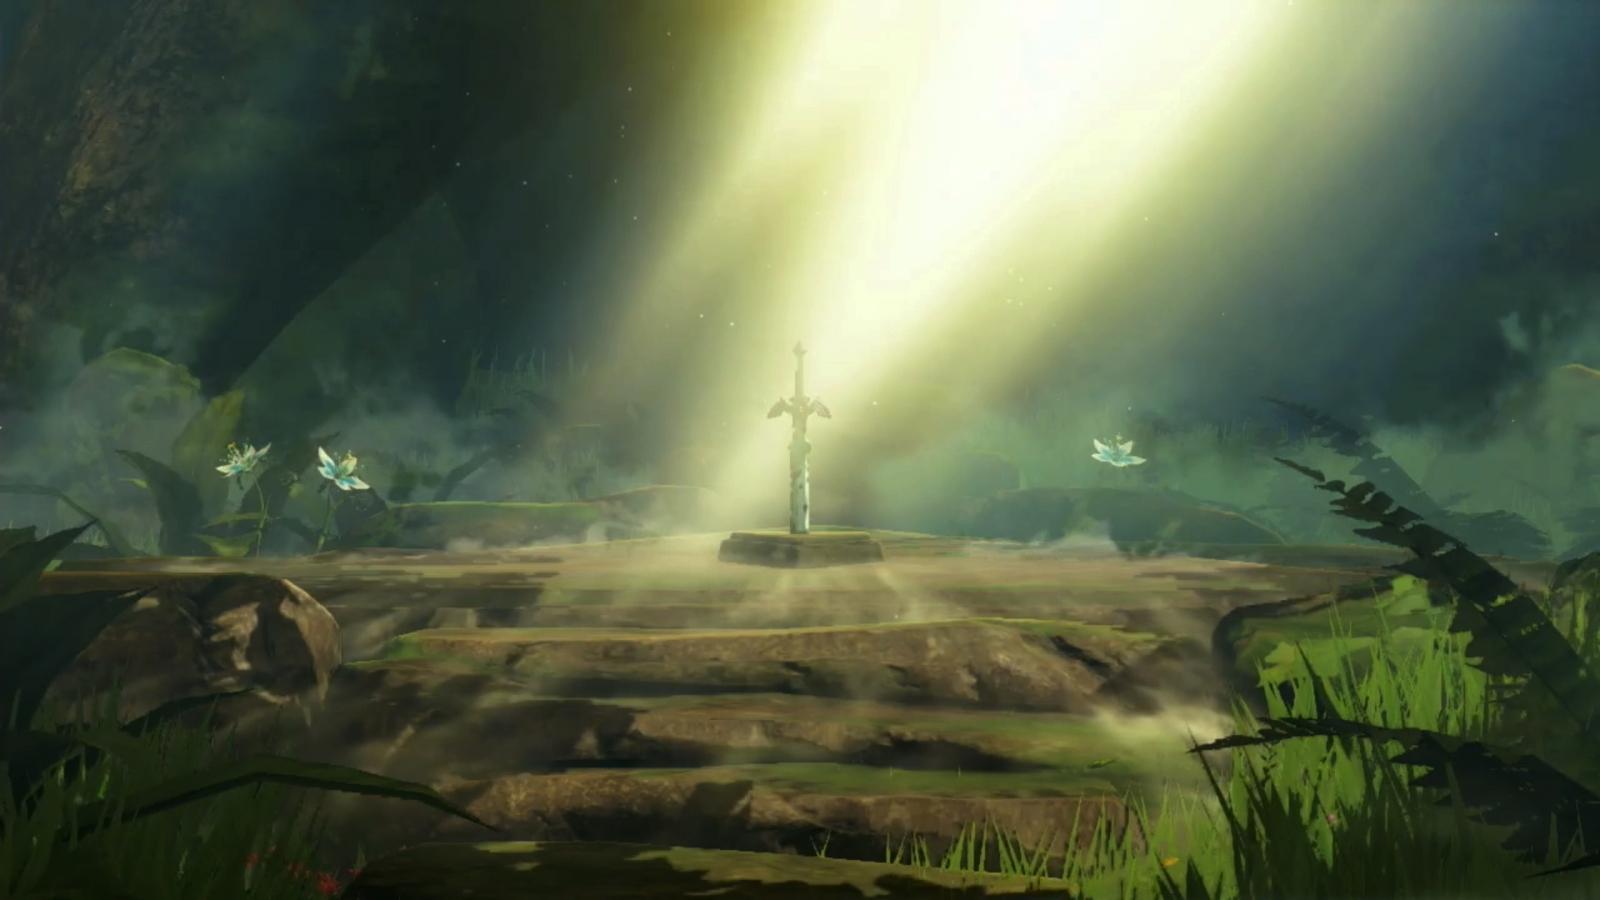 The Legend Of Zelda Breath Of The Wild Review Nintendo S Open